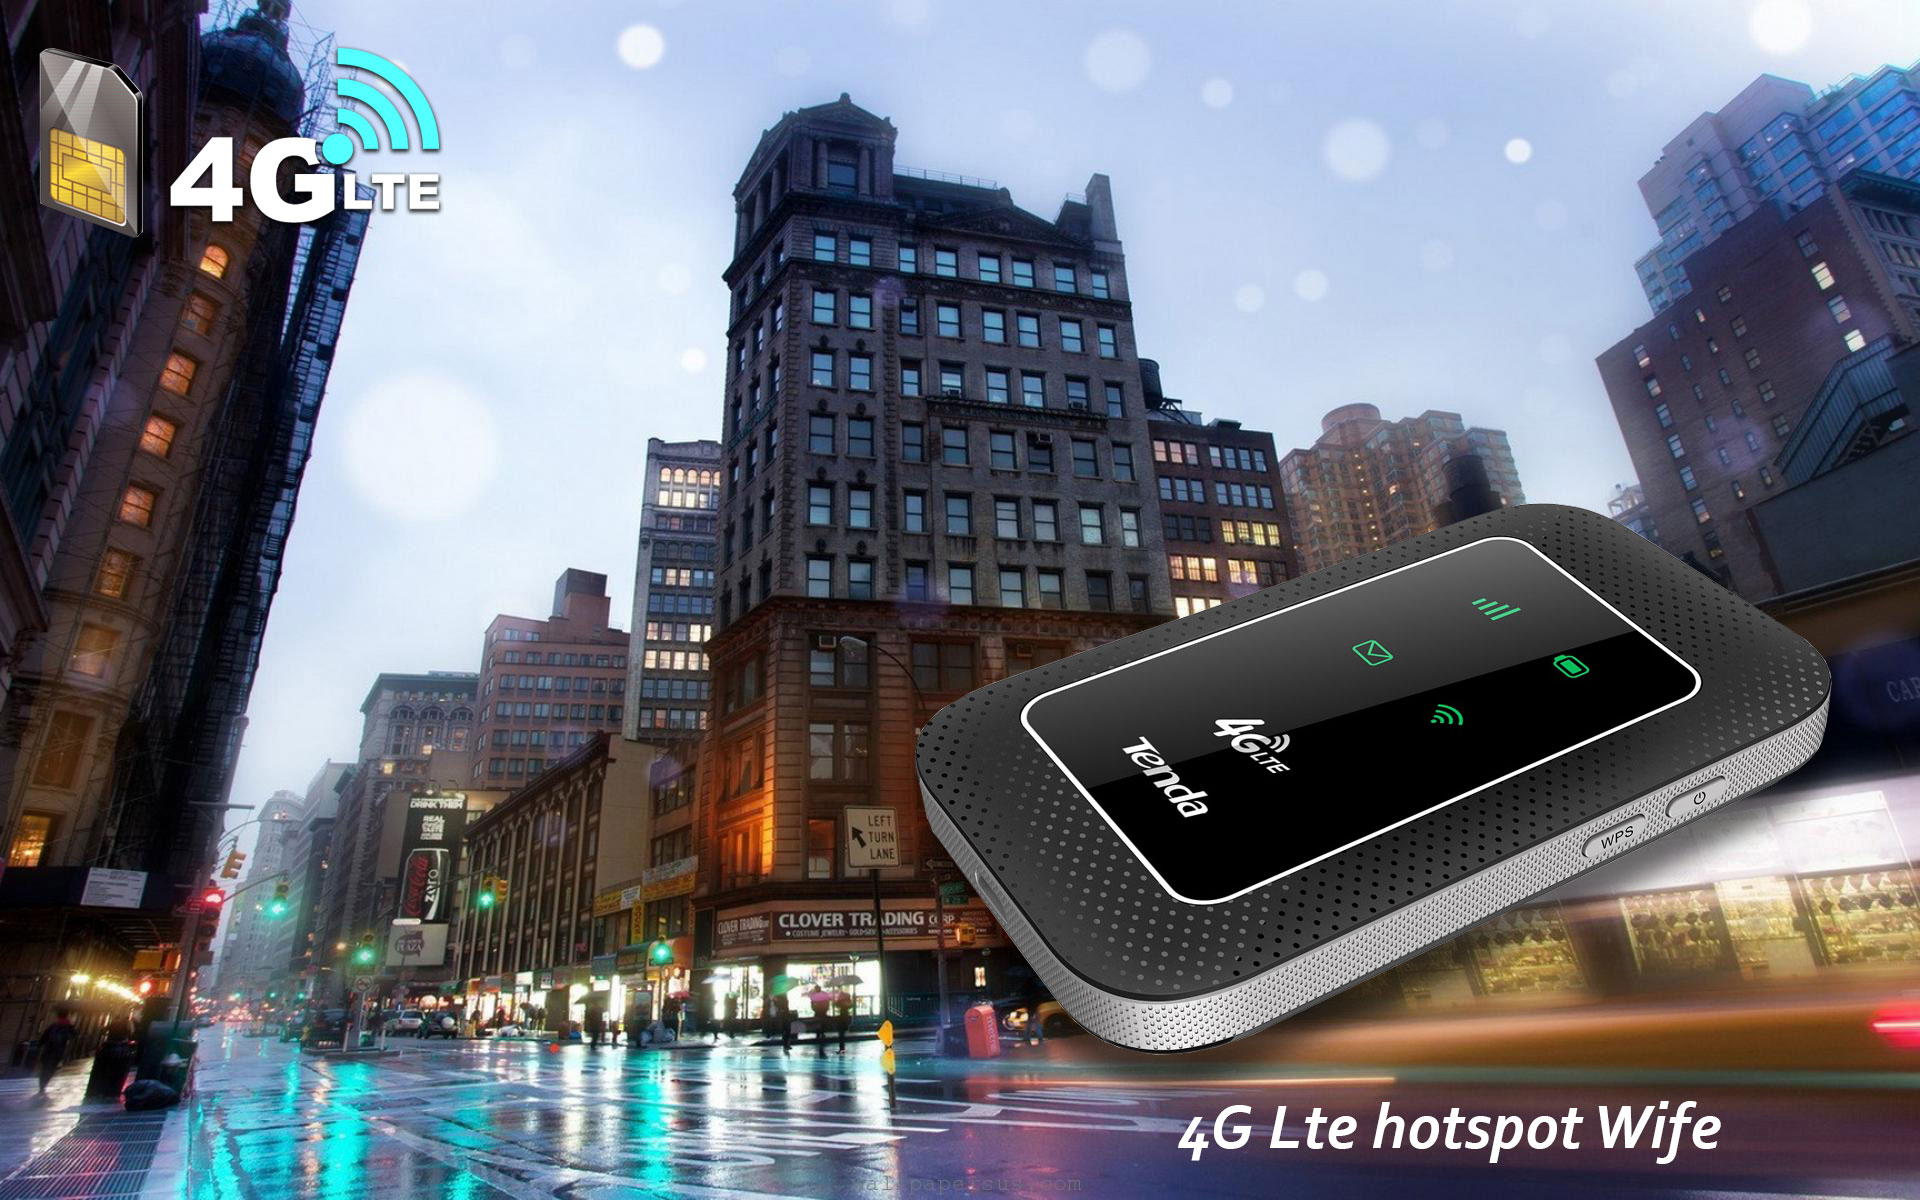 مودم همراه 4G LTE تندا 4G180